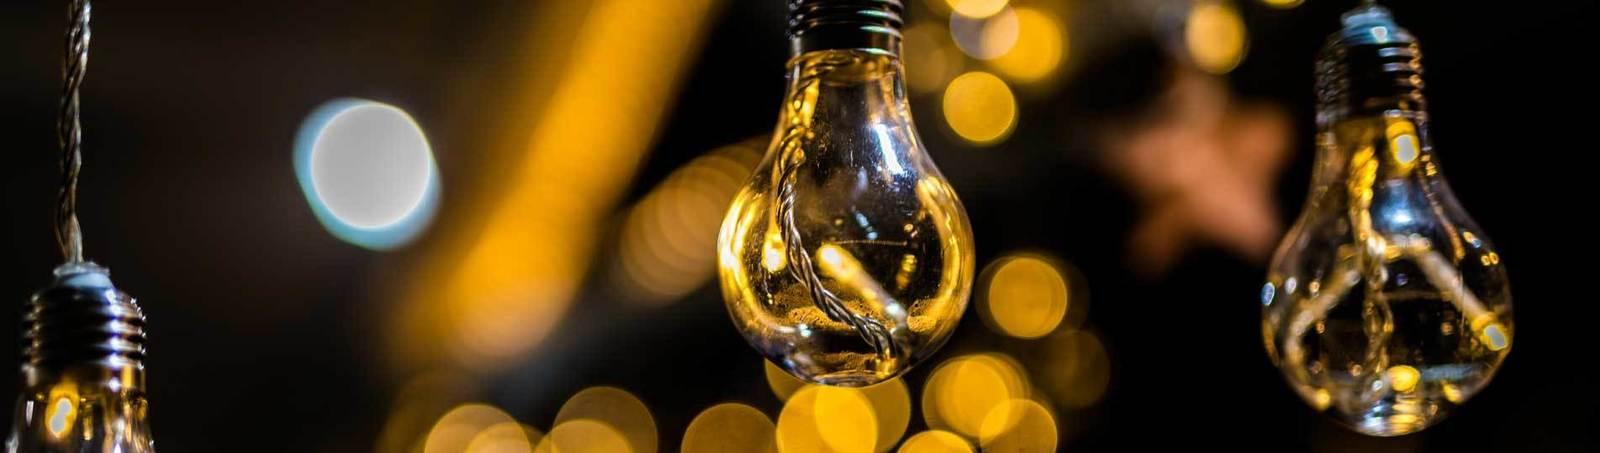 Gauthier Bovrisse Electricité